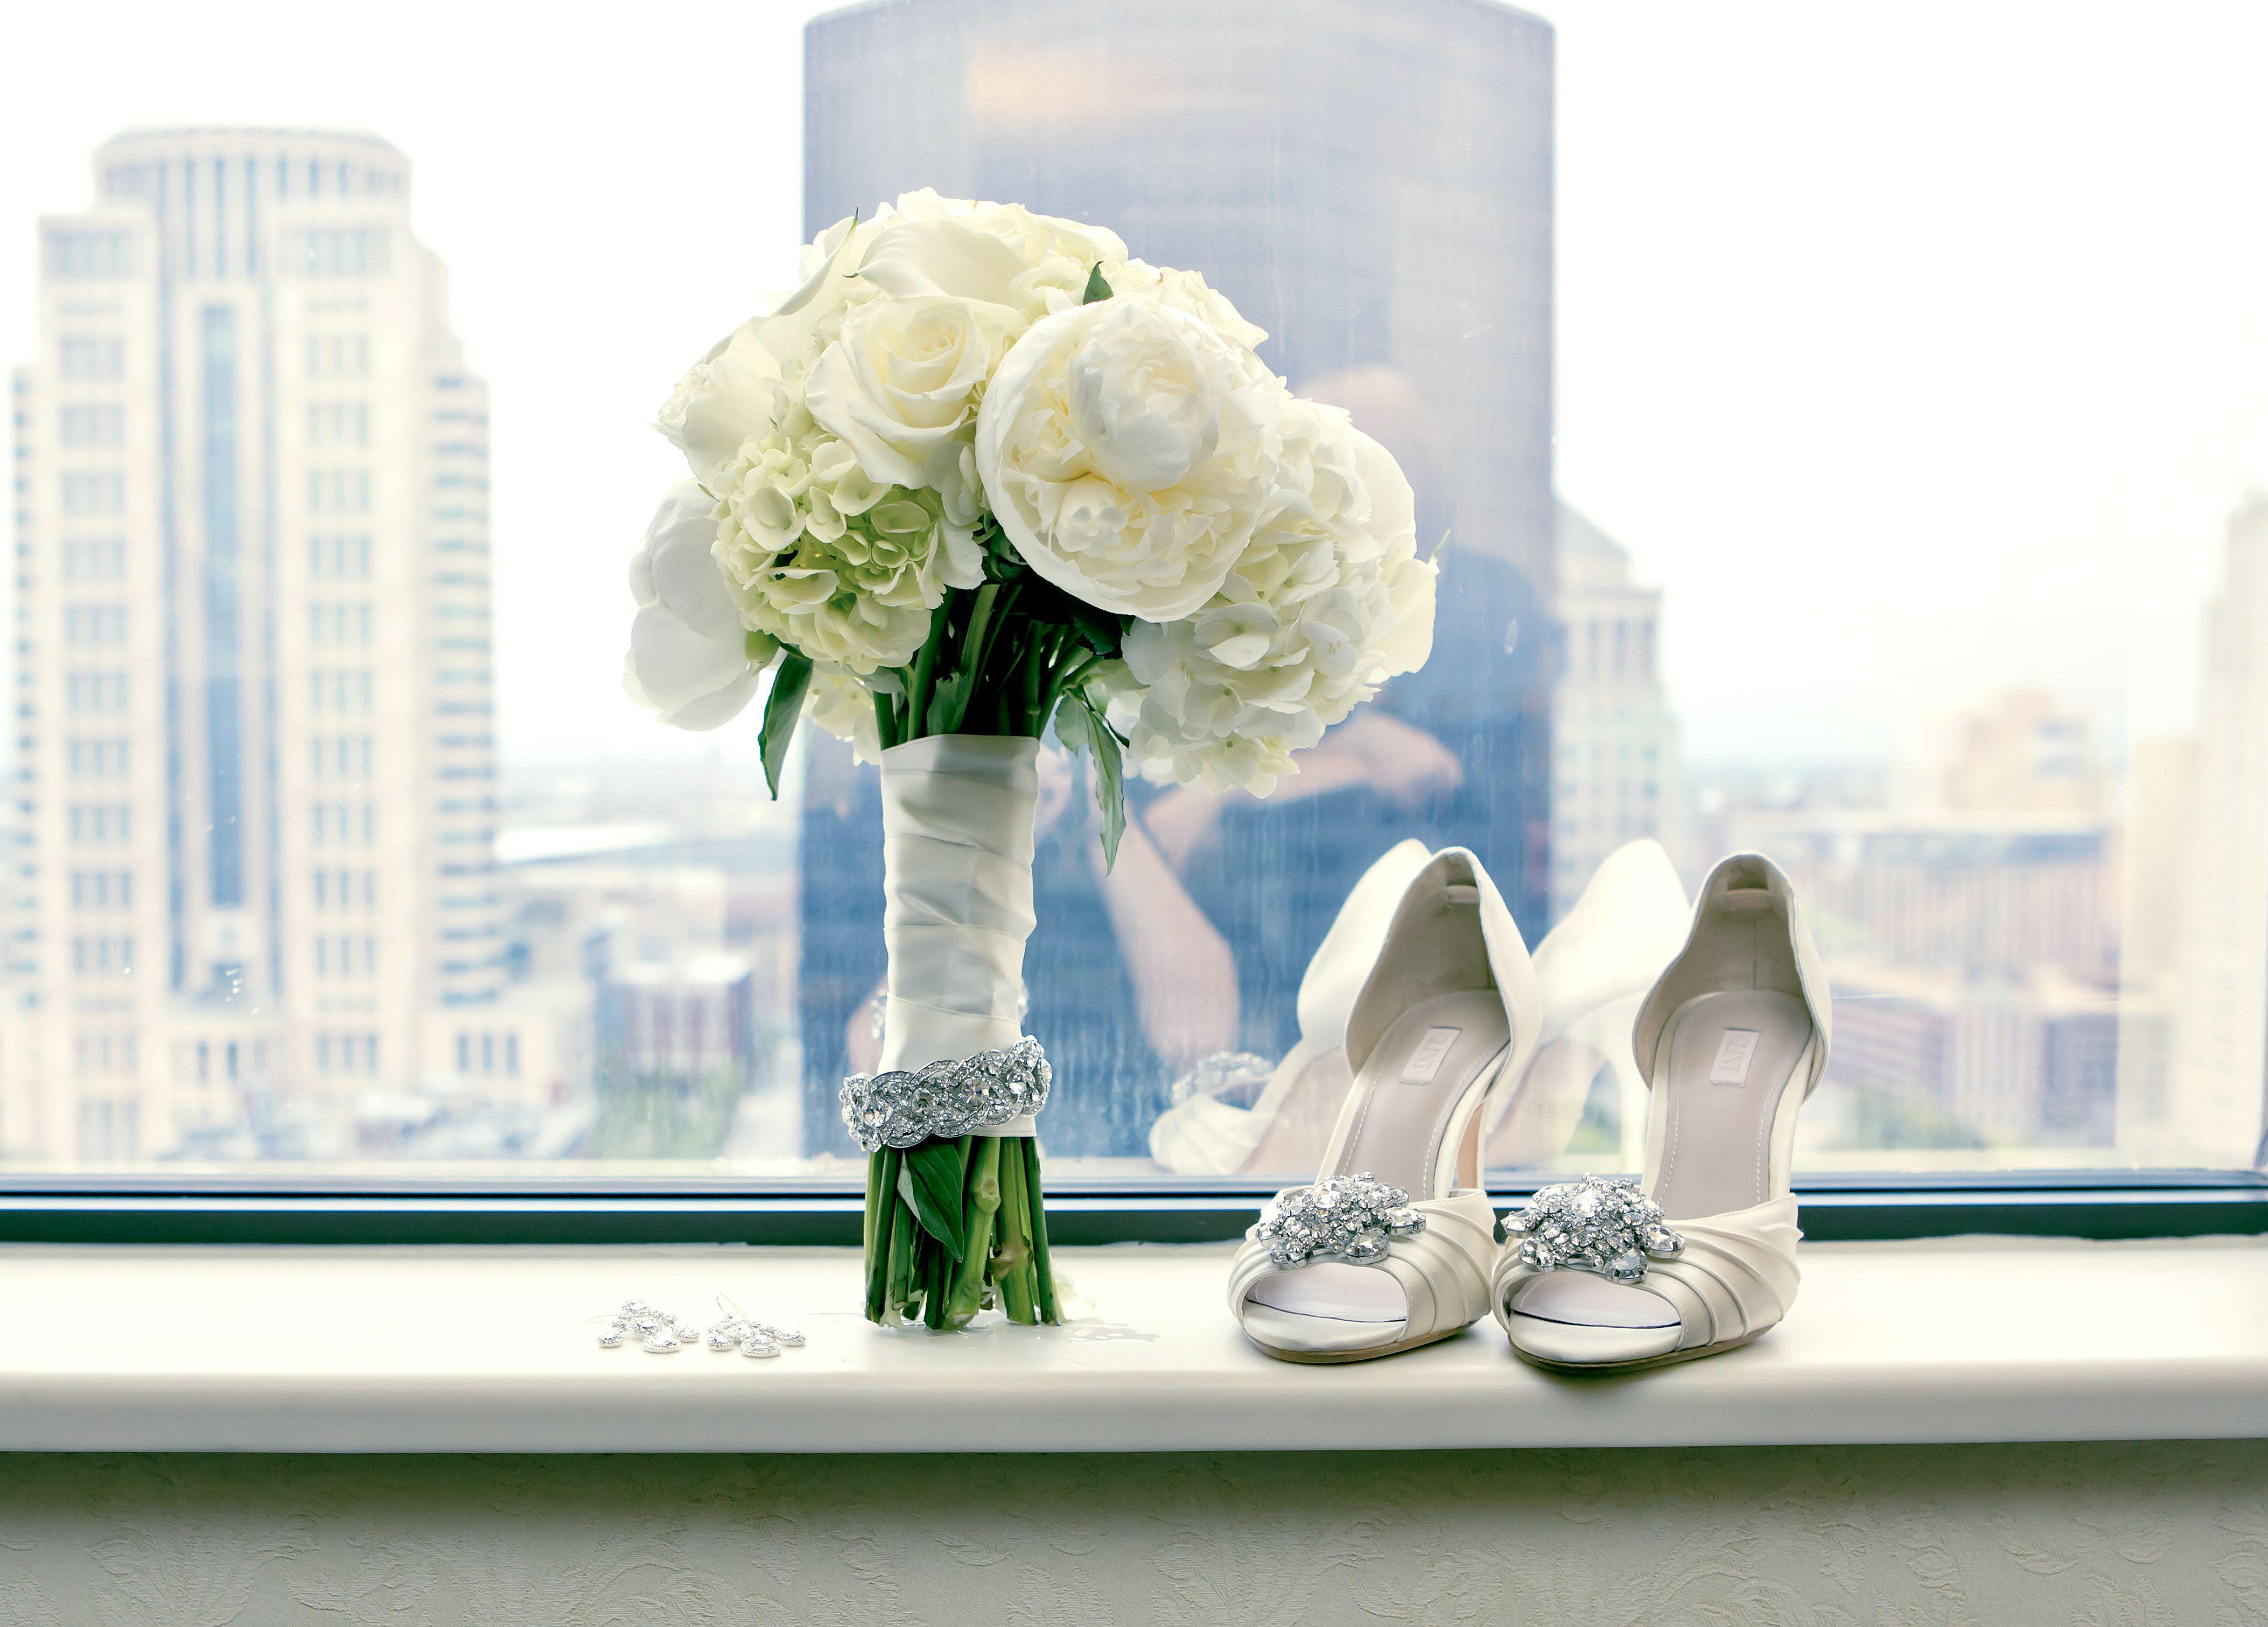 Wedding bouquet; white peonies, white hydrangeas, white roses, white calla lilies @SoulardFlorist